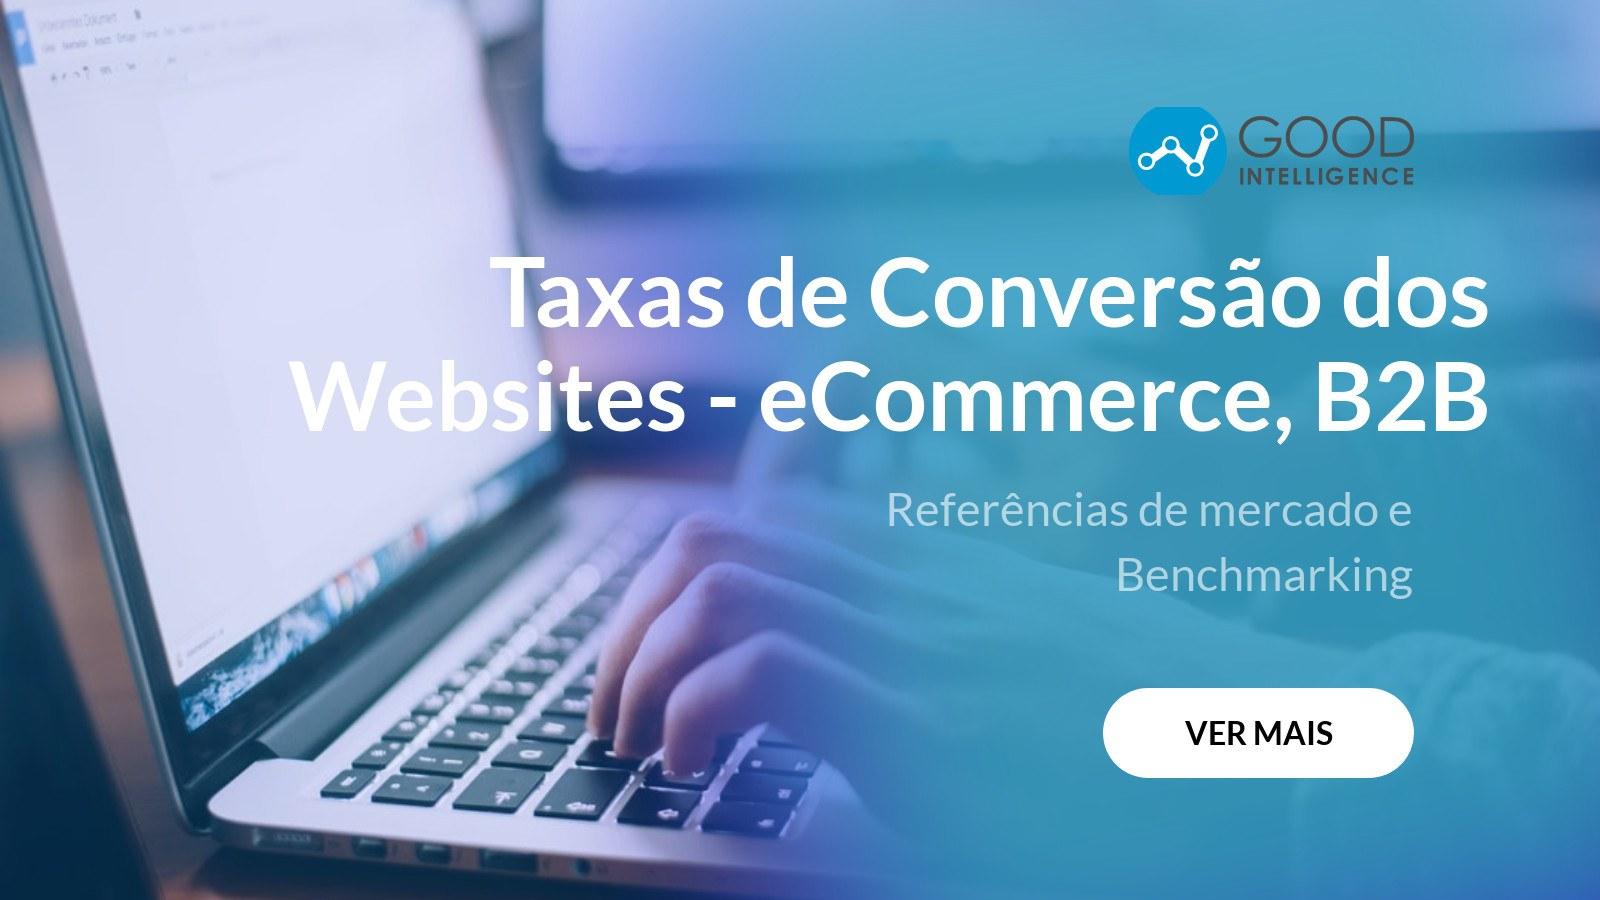 taxa de conversao de websites ecommerce e b2b